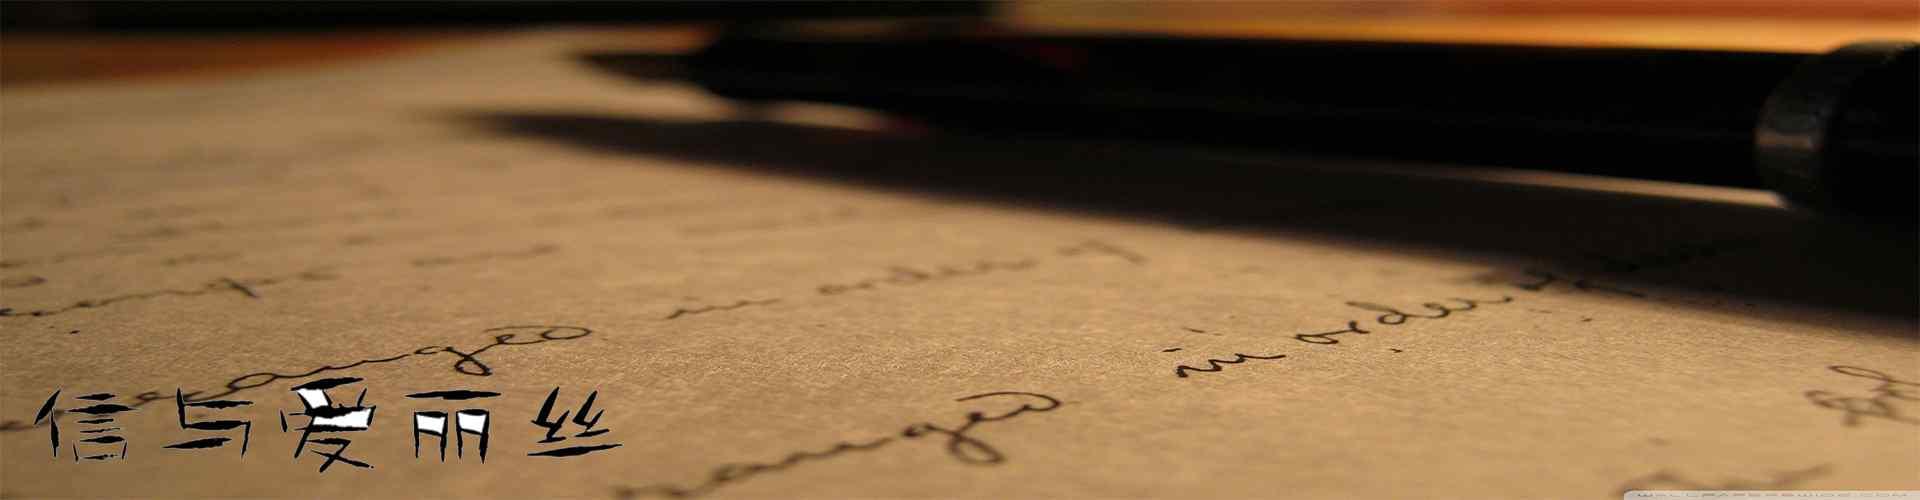 手写信_复古手写信图片_手写信标签小清新桌面壁纸_励志文字图片_手写信桌面壁纸